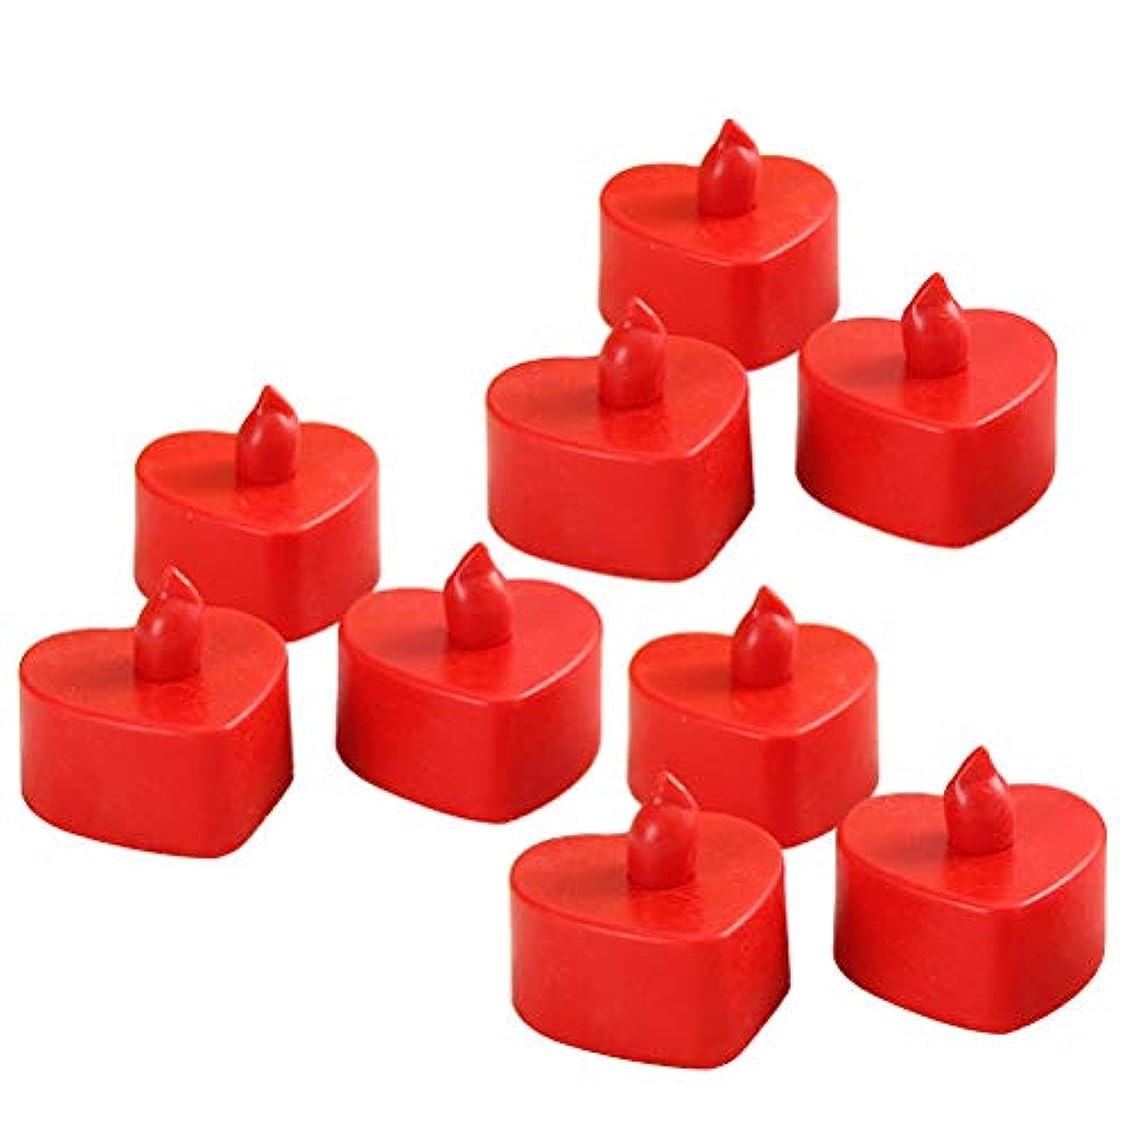 媒染剤電子レンジさようならBESTOYARD 10個無炎キャンドルバッテリーは、キャンドルウェディングパーティフェスティバルの装飾(赤いシェルの赤い光)